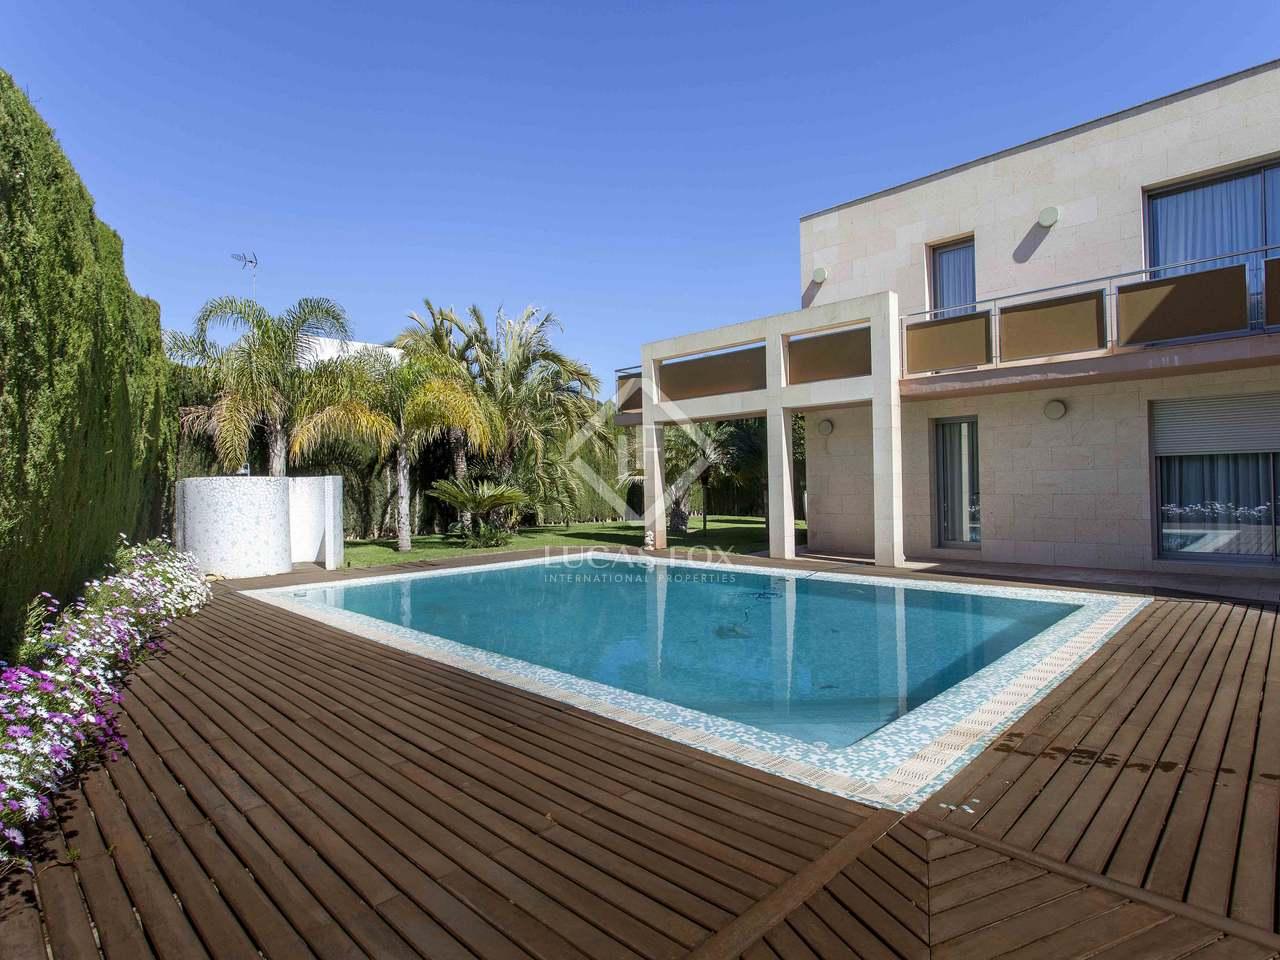 chalet moderno con piscina en alquiler en campolivar godella